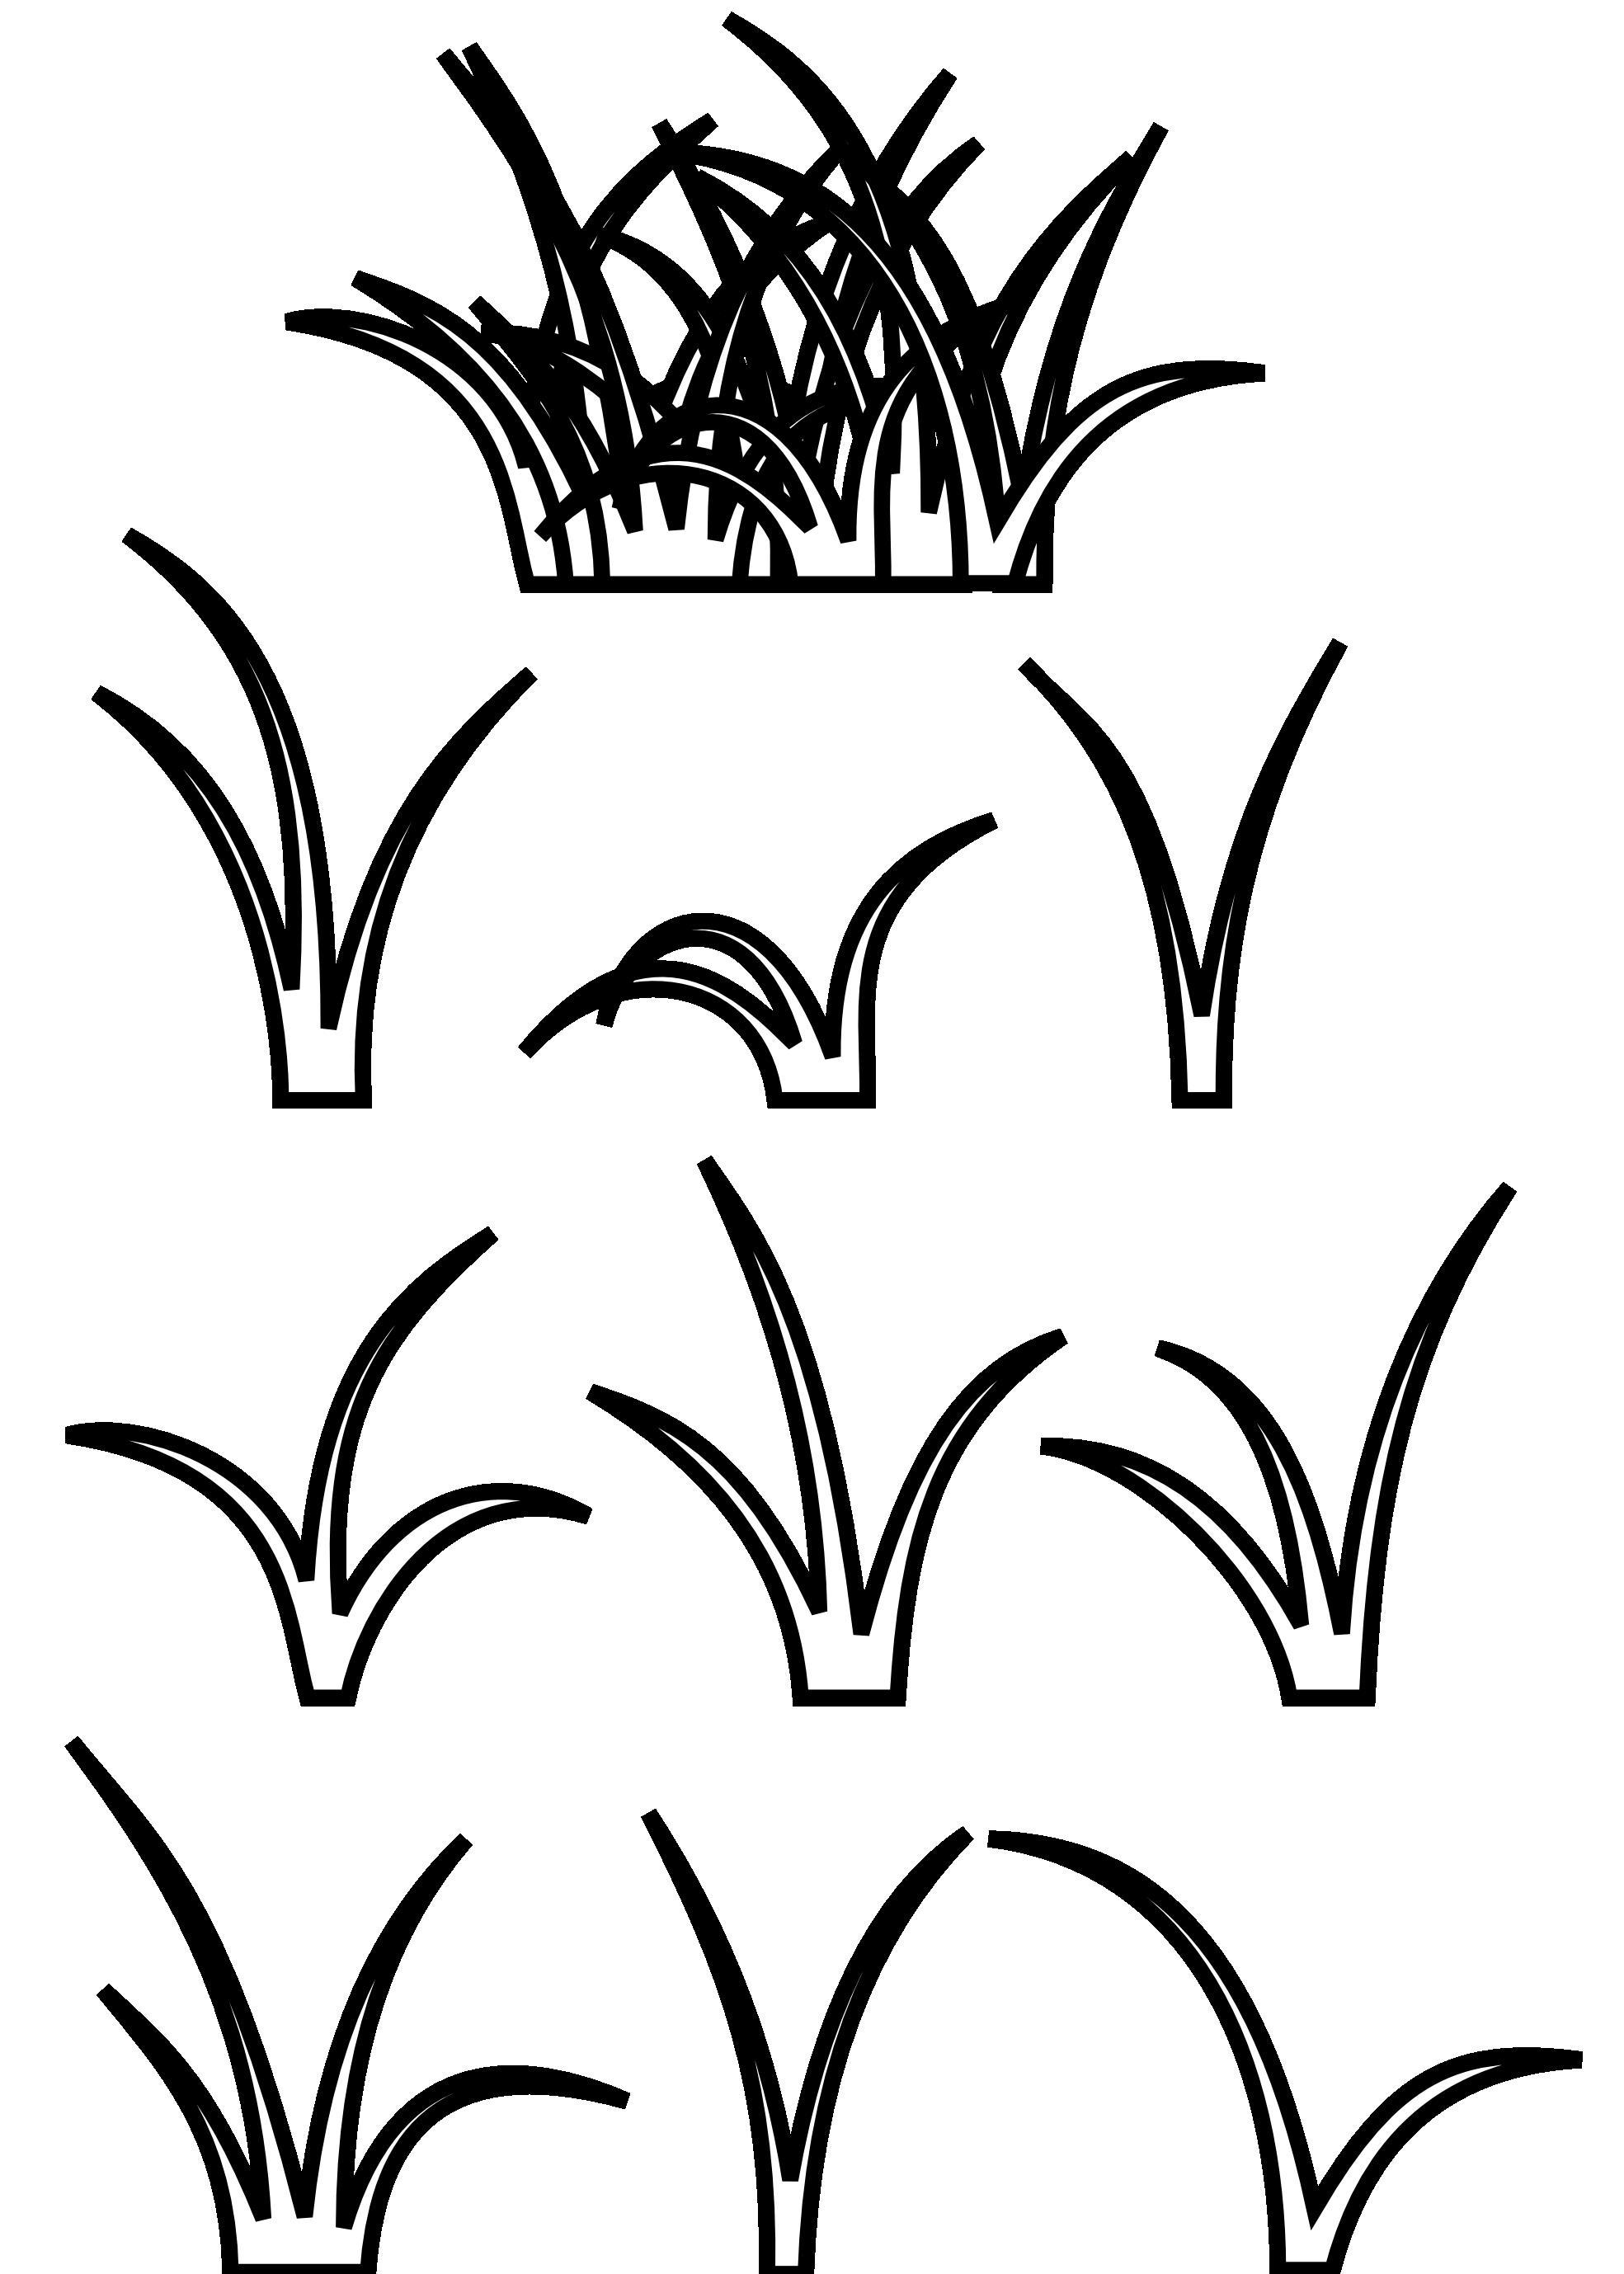 Контуры травы для аппликации и вырезания